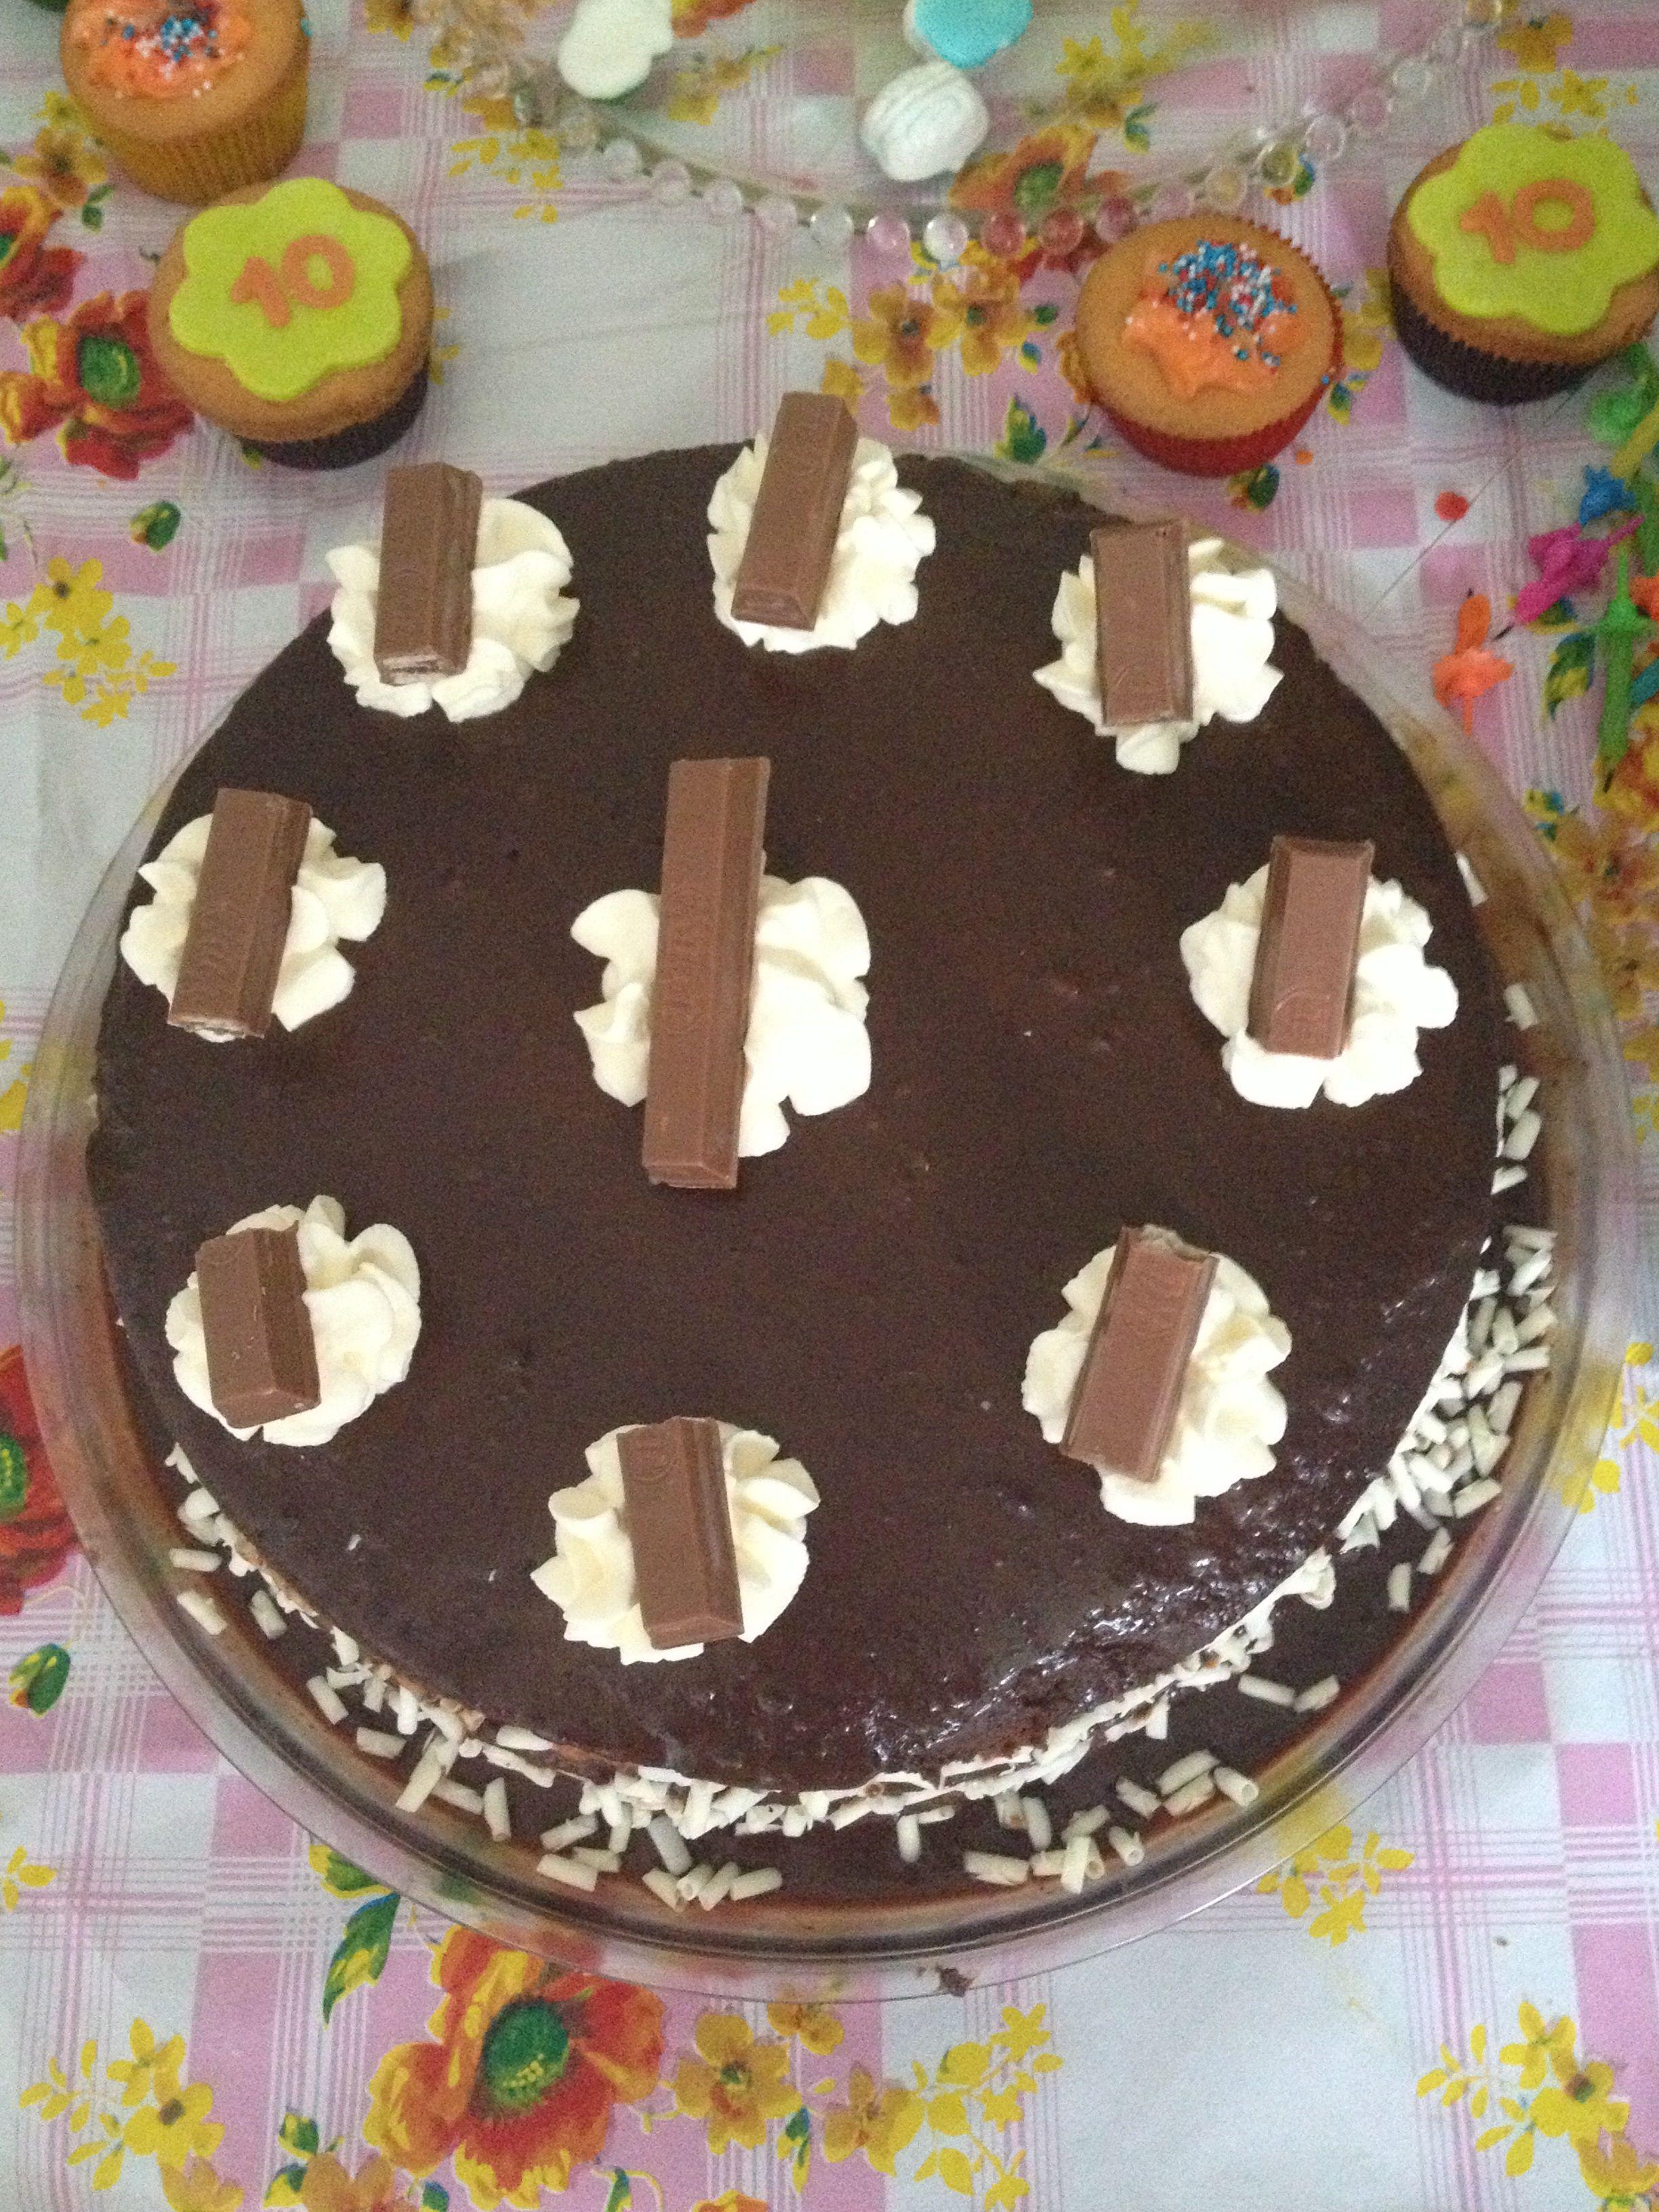 Chocoladetaart met hemelse modder